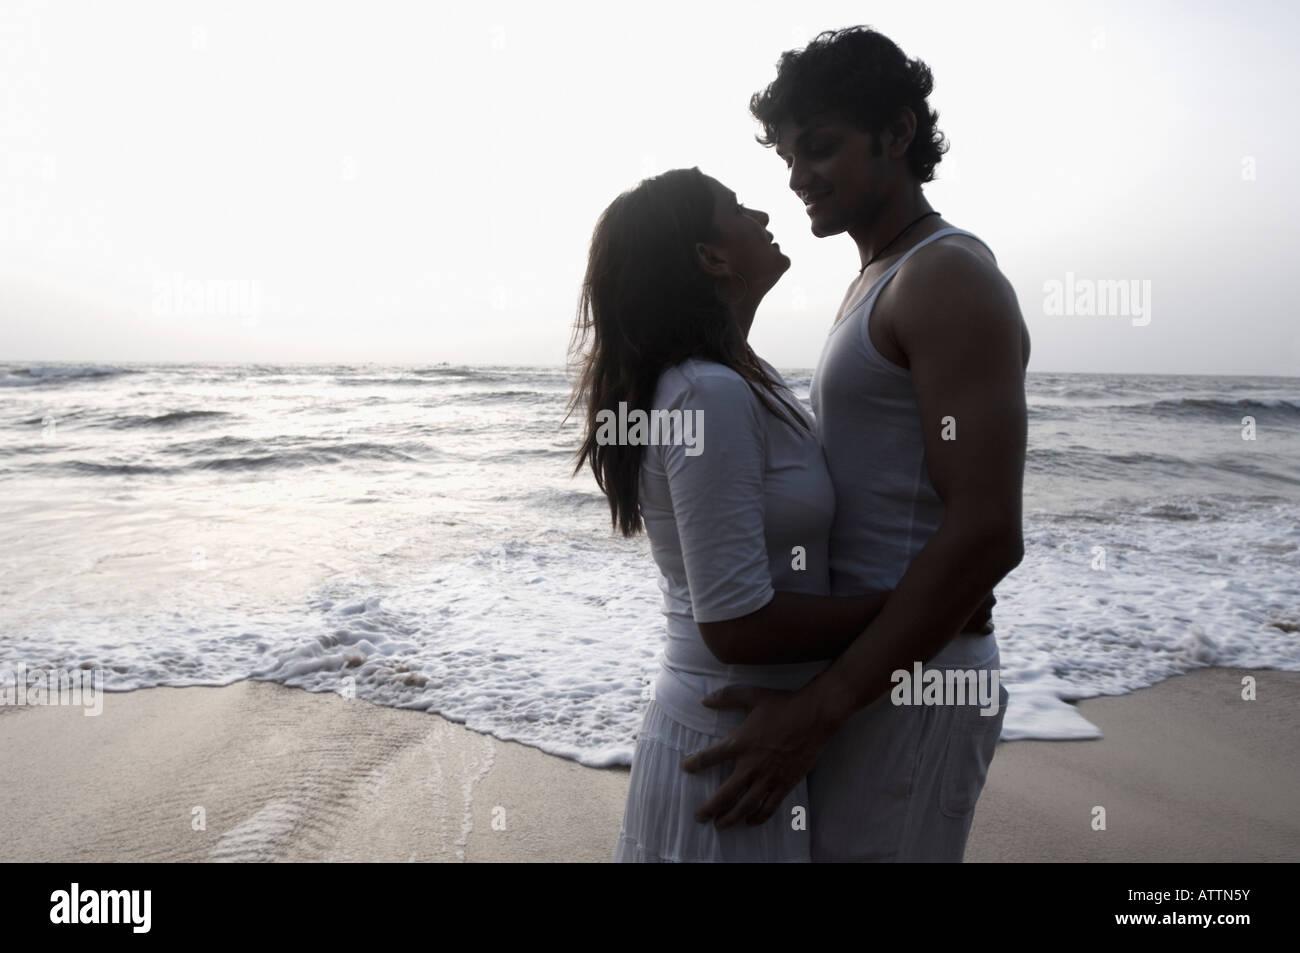 Silhouette d'un couple sur la plage, Goa, Inde Banque D'Images